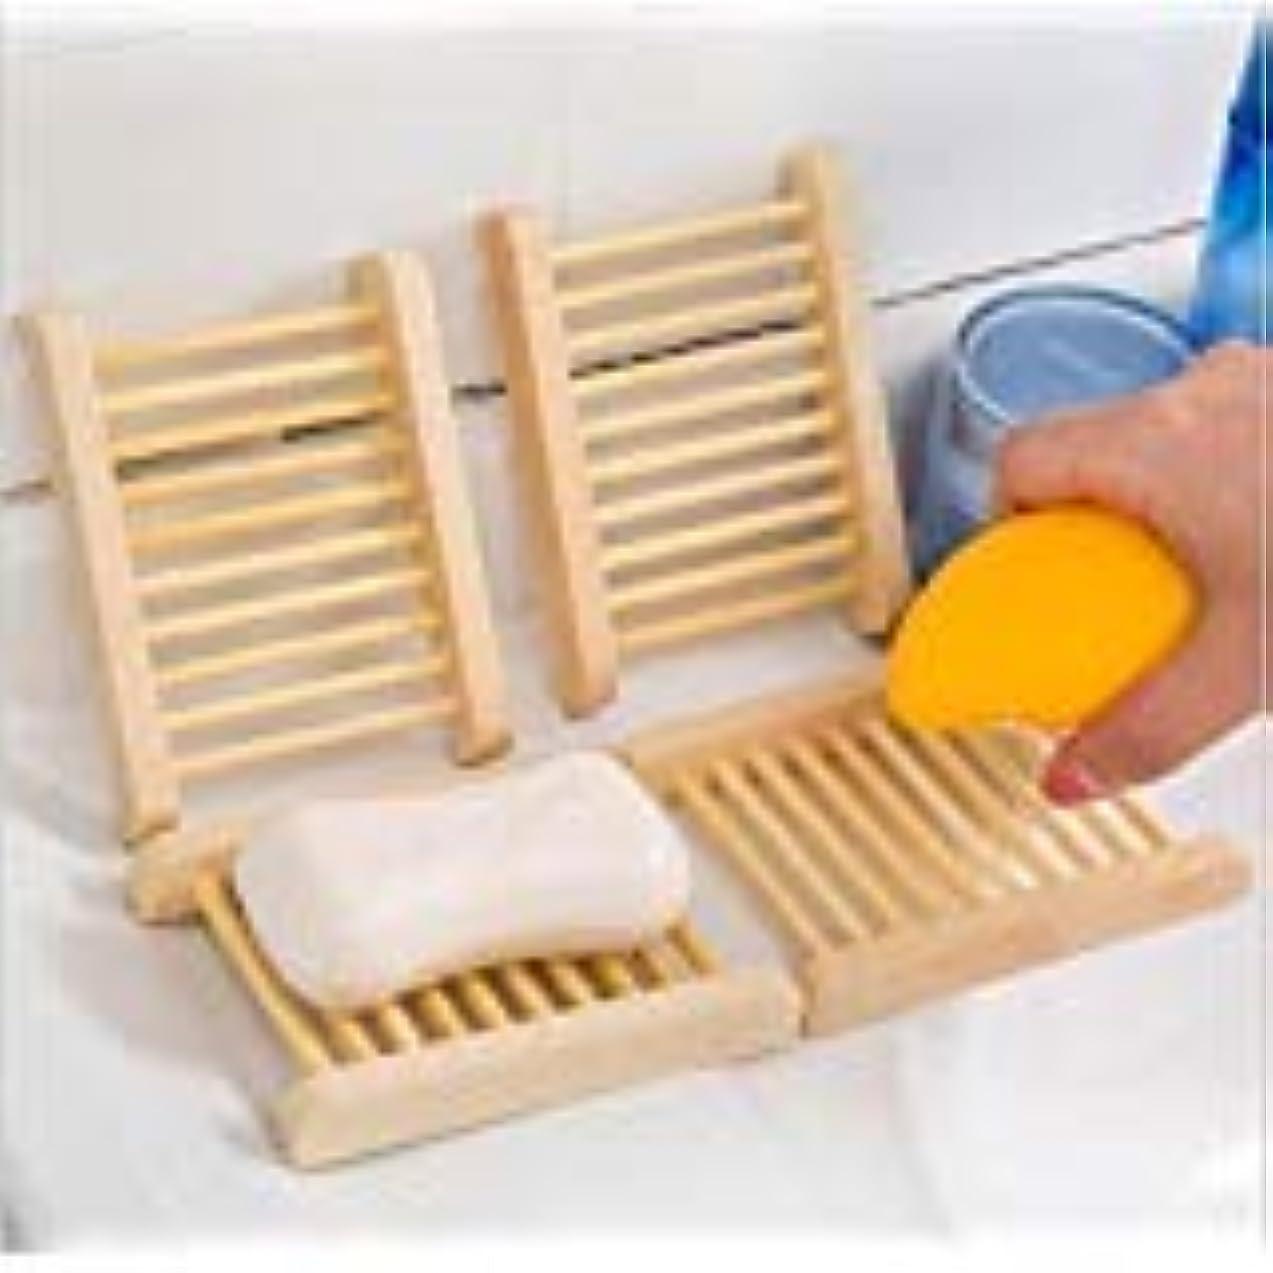 ハッピースノーケル楽しませるKINGZUO ソープトレー せっけんトレー 石鹸置き石鹸置き 石鹸ボックス ソープディッシュ 水切り お風呂 バス用品 木製 4個入り